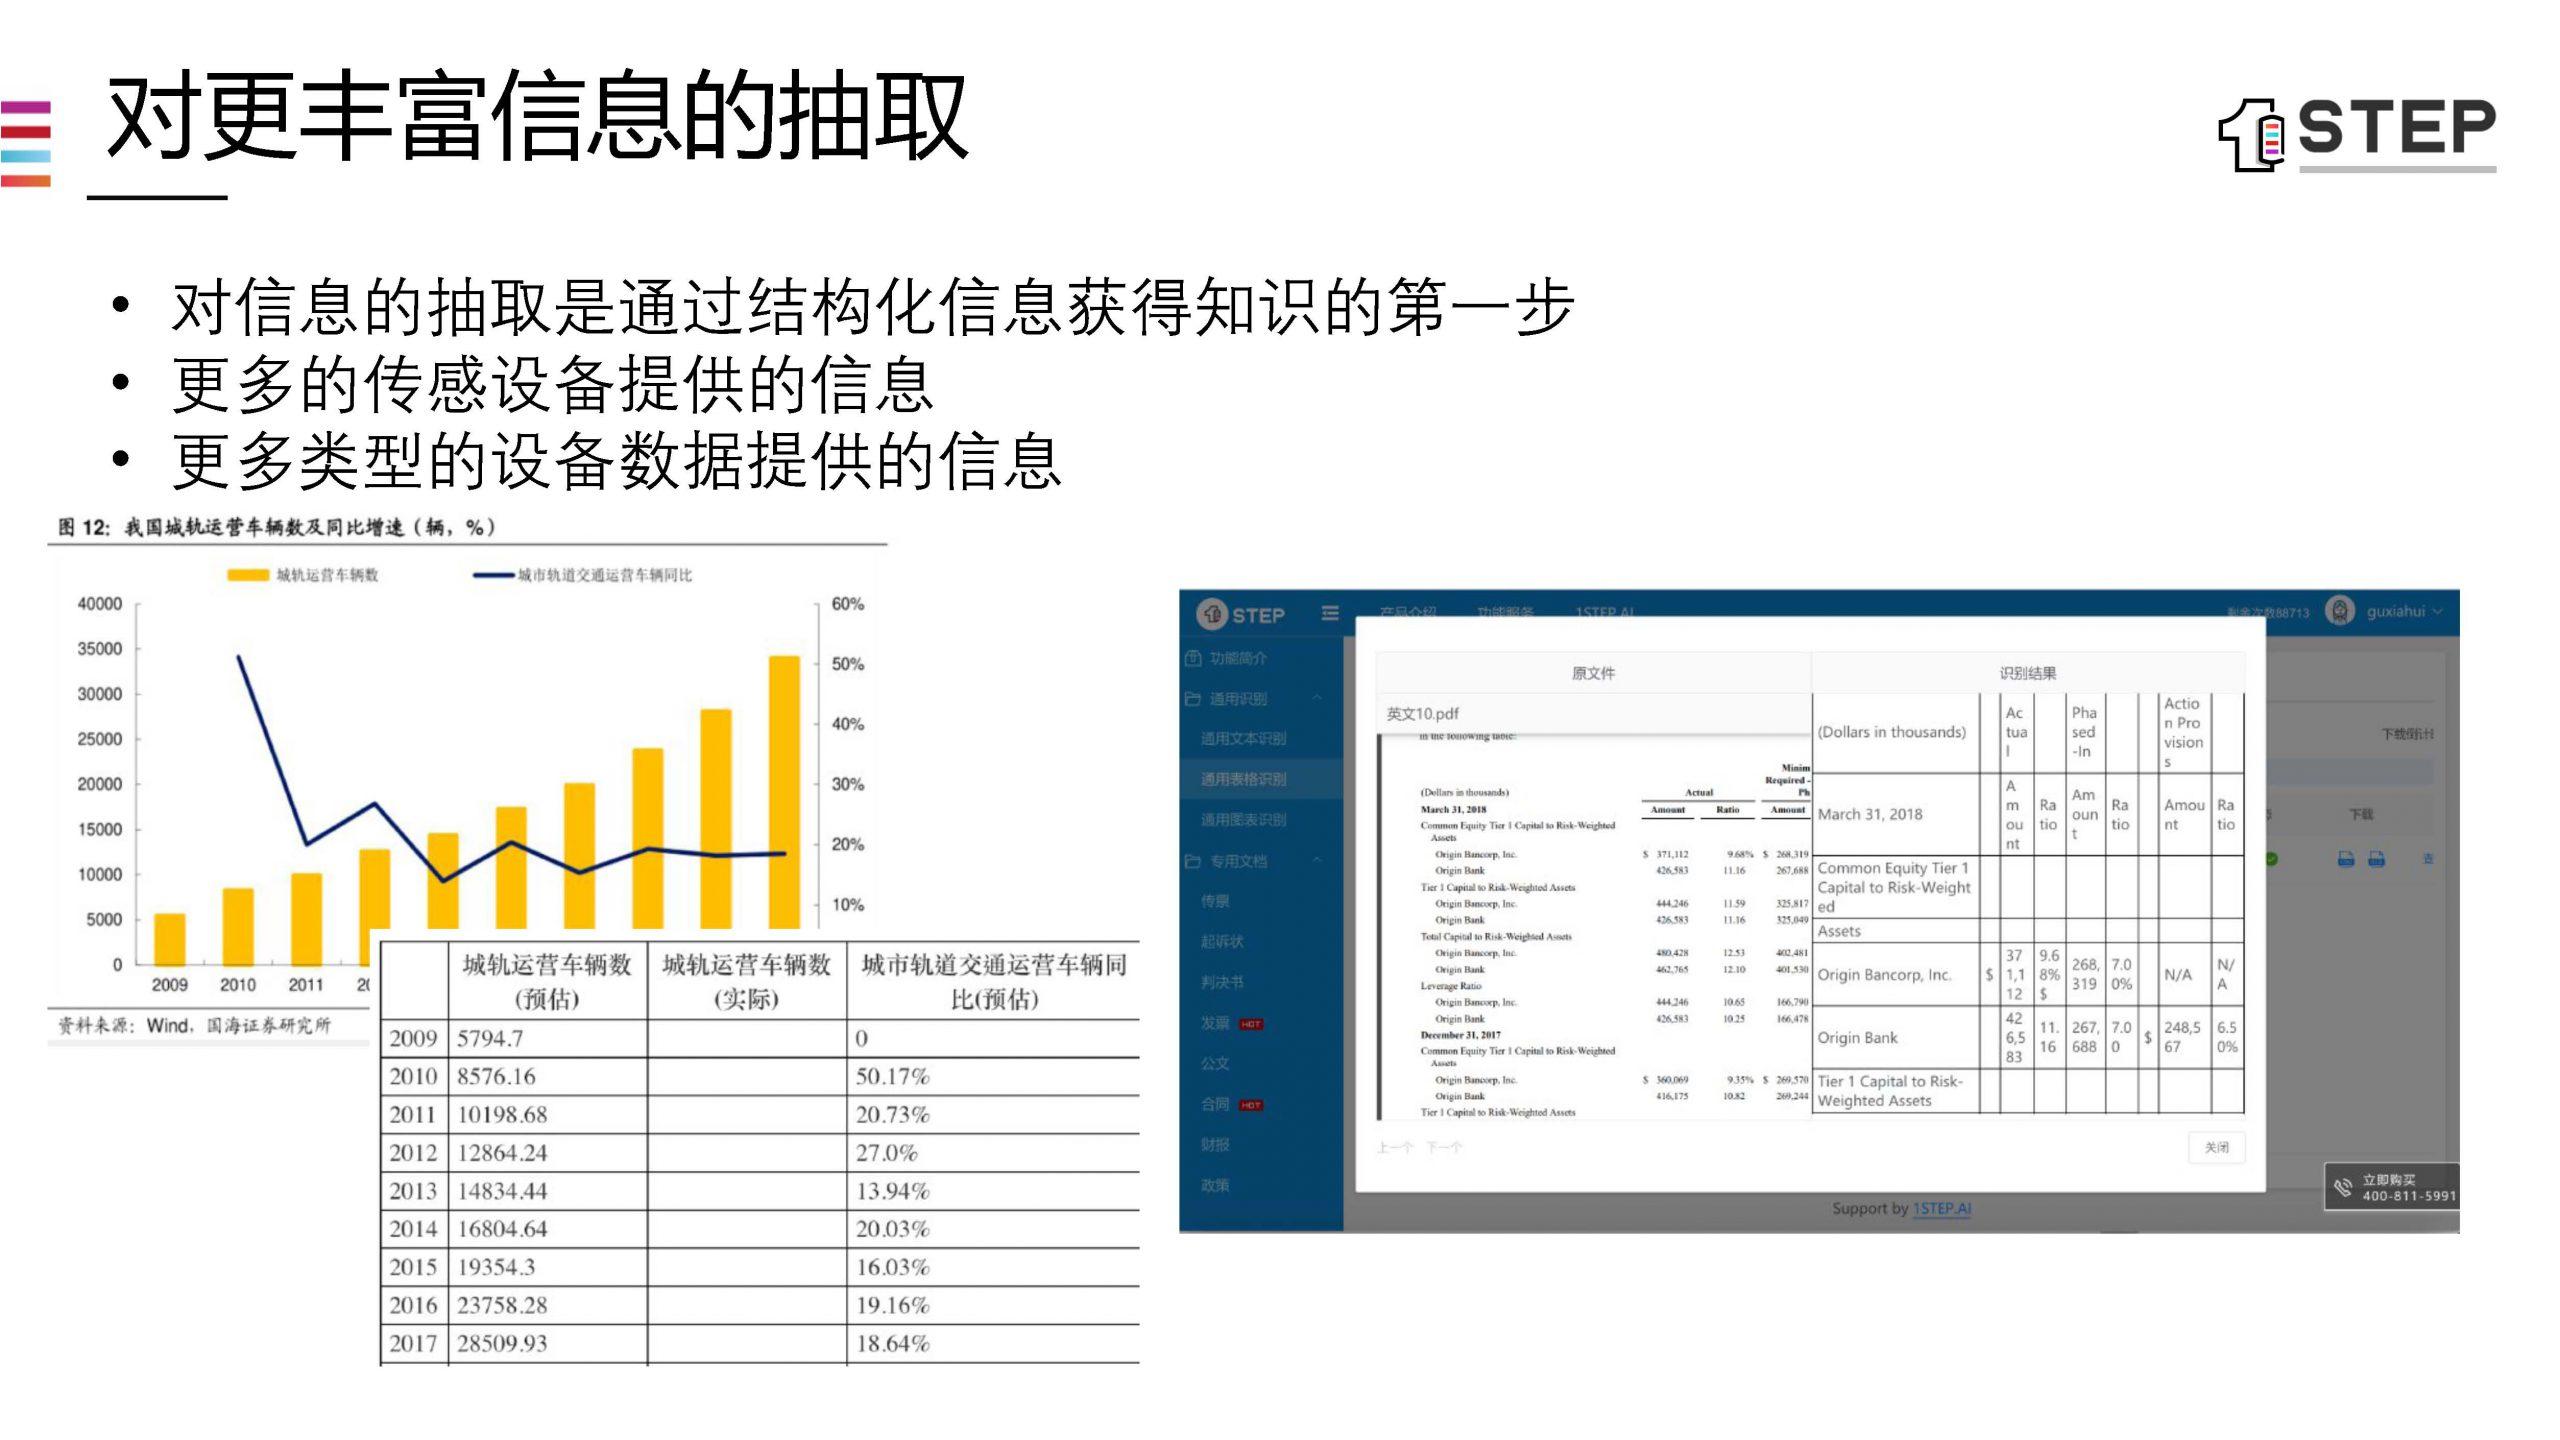 大数据研究报告,1STEP.AI 《5G时代下的数据智能化》!